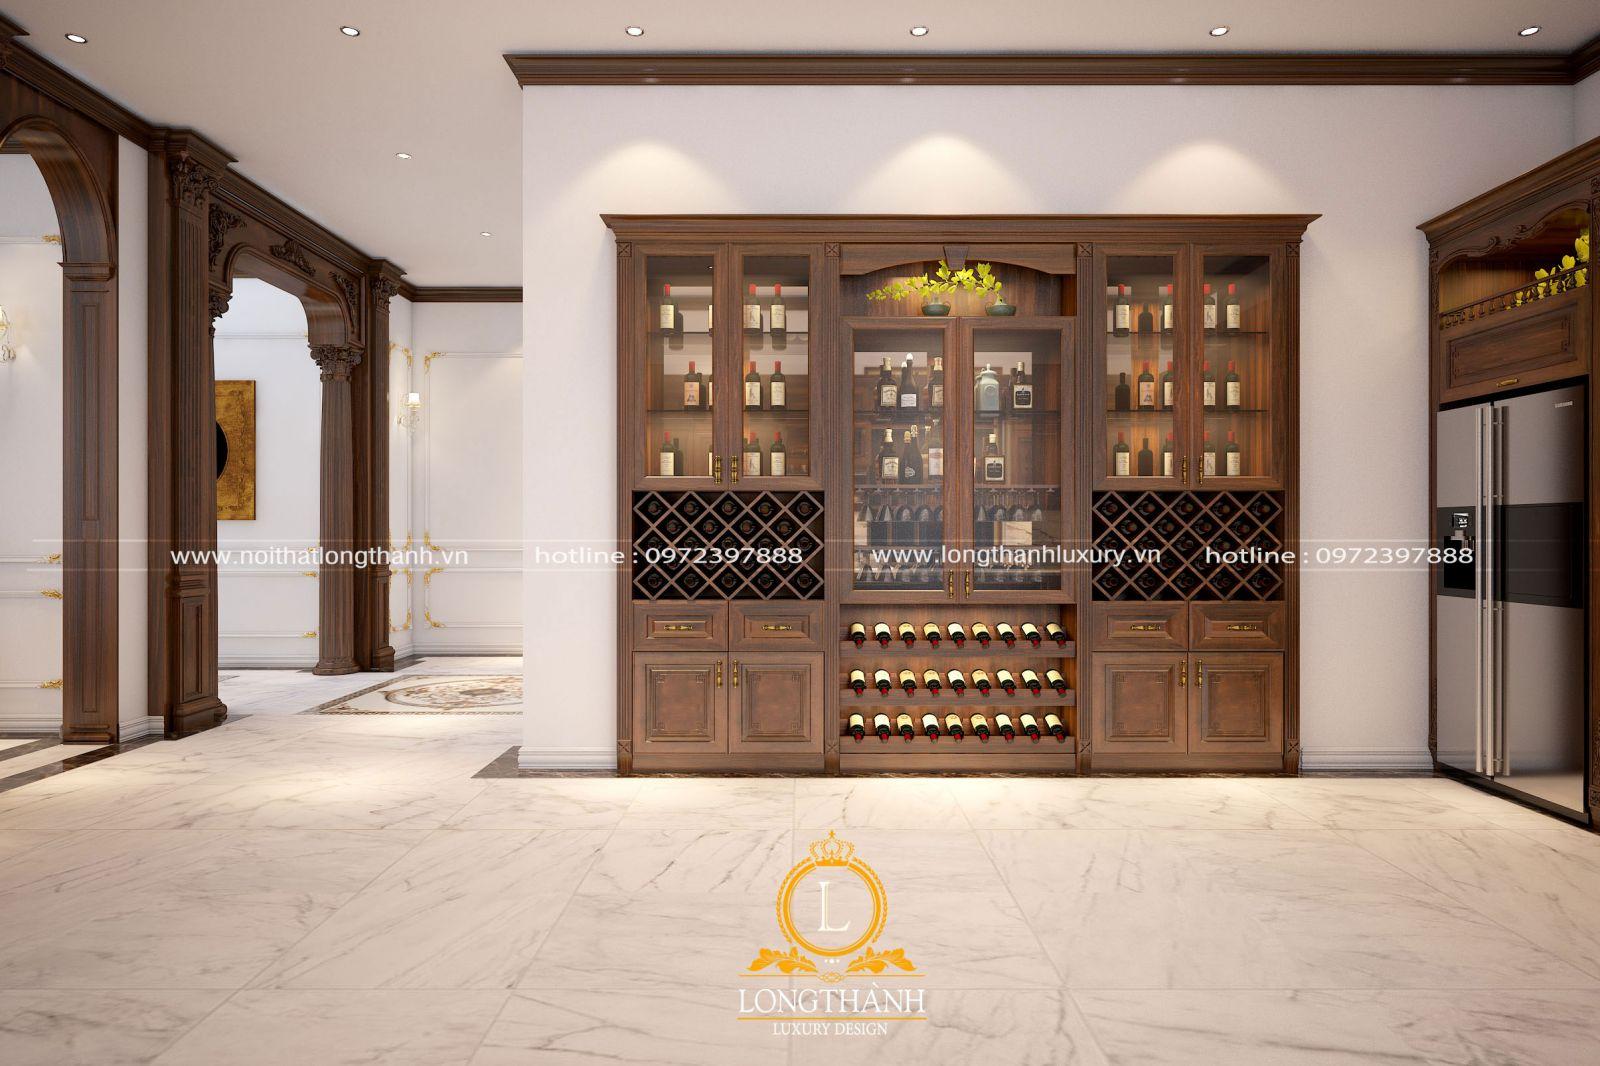 Tủ rượu gỗ được thiết kế bố trí linh hoạt theo không gian thưc tế